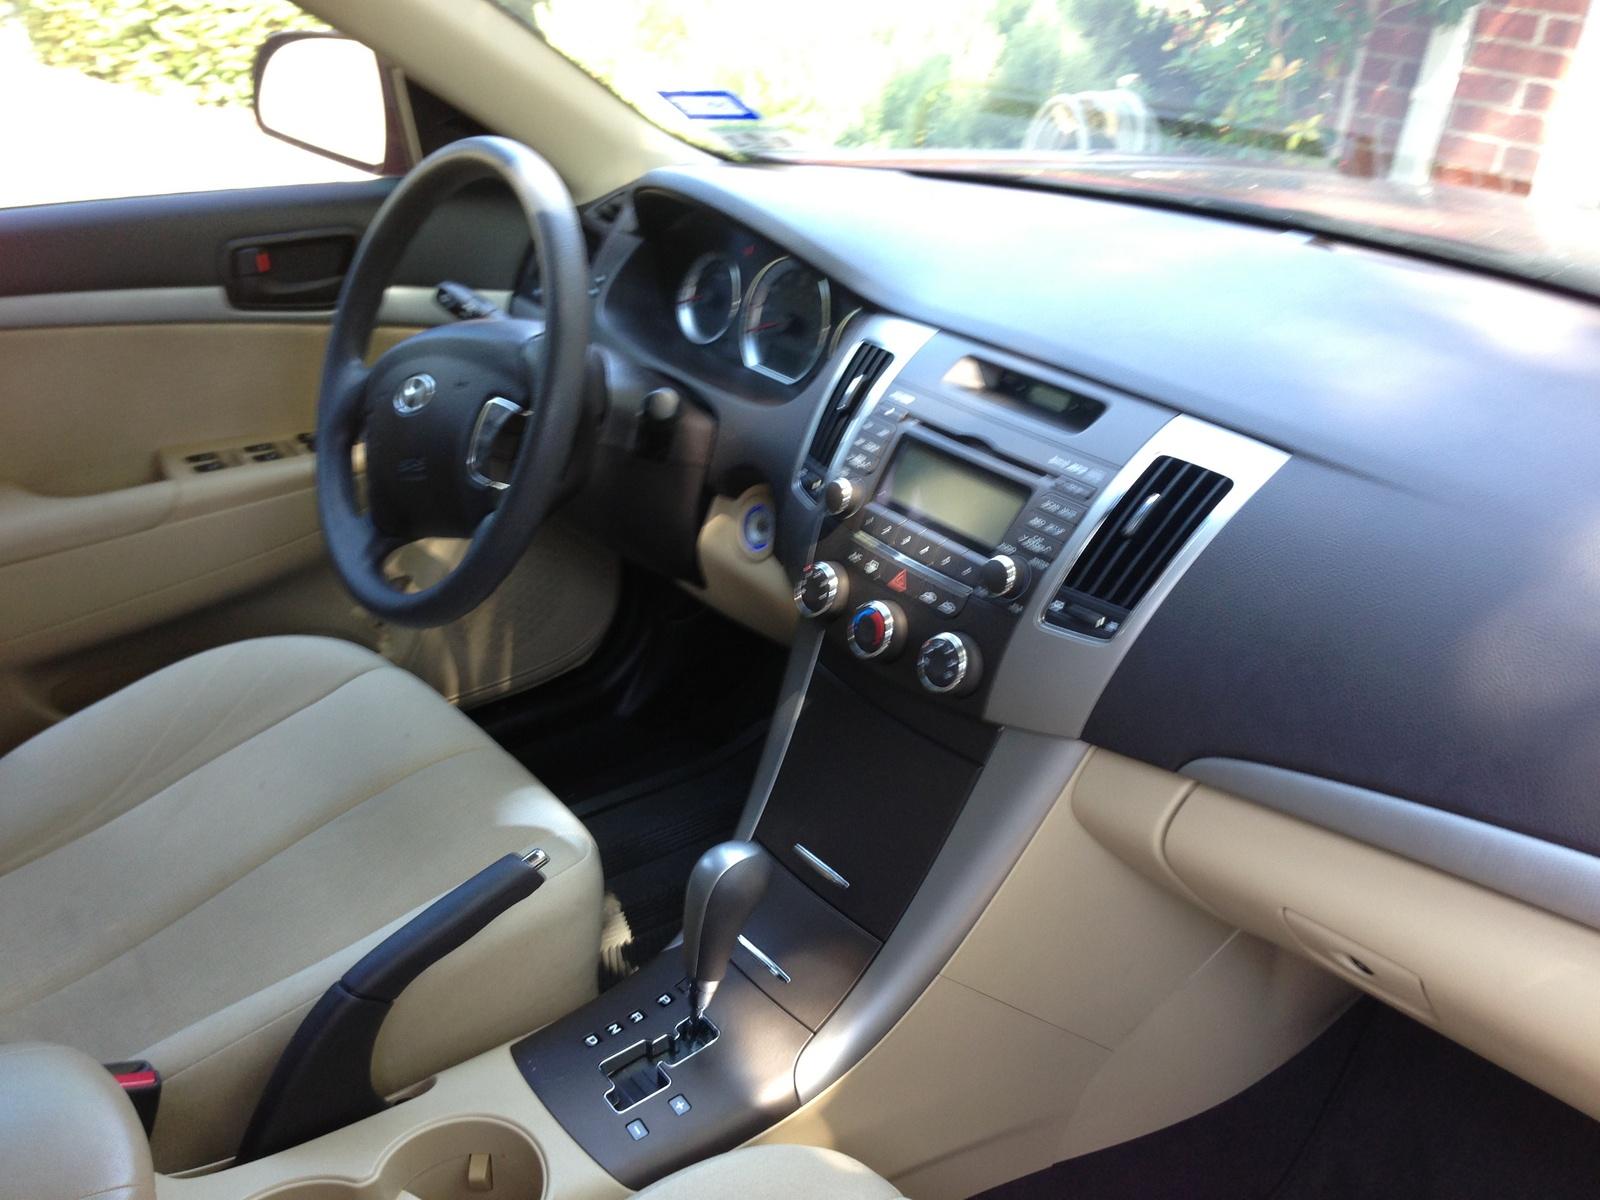 Hyundai Sonata Gls Pic on 2000 Hyundai Elantra Gls